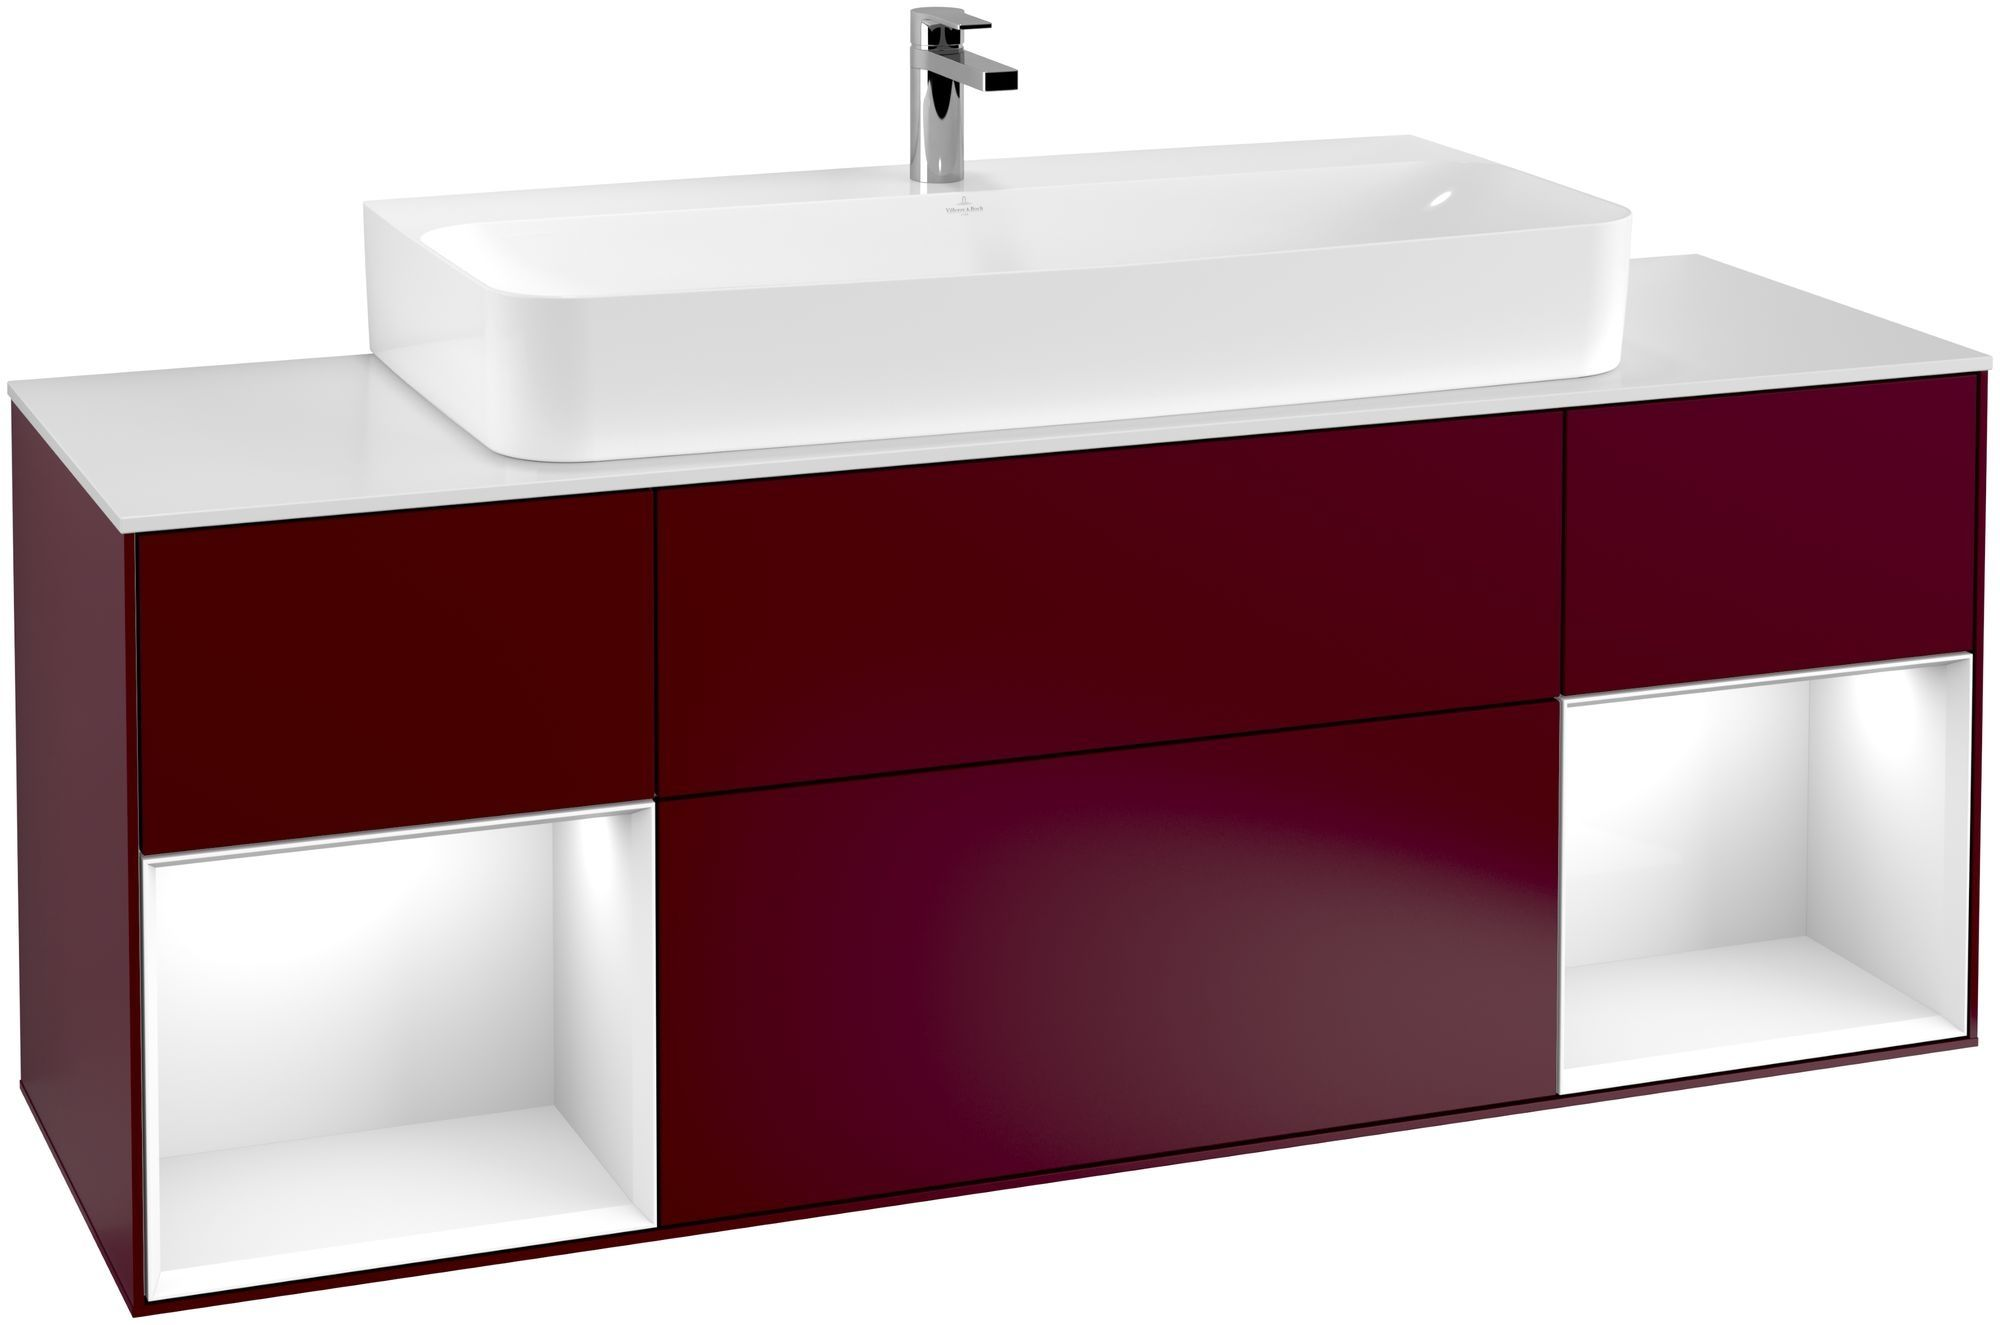 Villeroy & Boch Finion G21 Waschtischunterschrank mit Regalelement 4 Auszüge Waschtisch mittig LED-Beleuchtung B:160xH:60,3xT:50,1cm Front, Korpus: Peony, Regal: Glossy White Lack, Glasplatte: White Matt G211GFHB